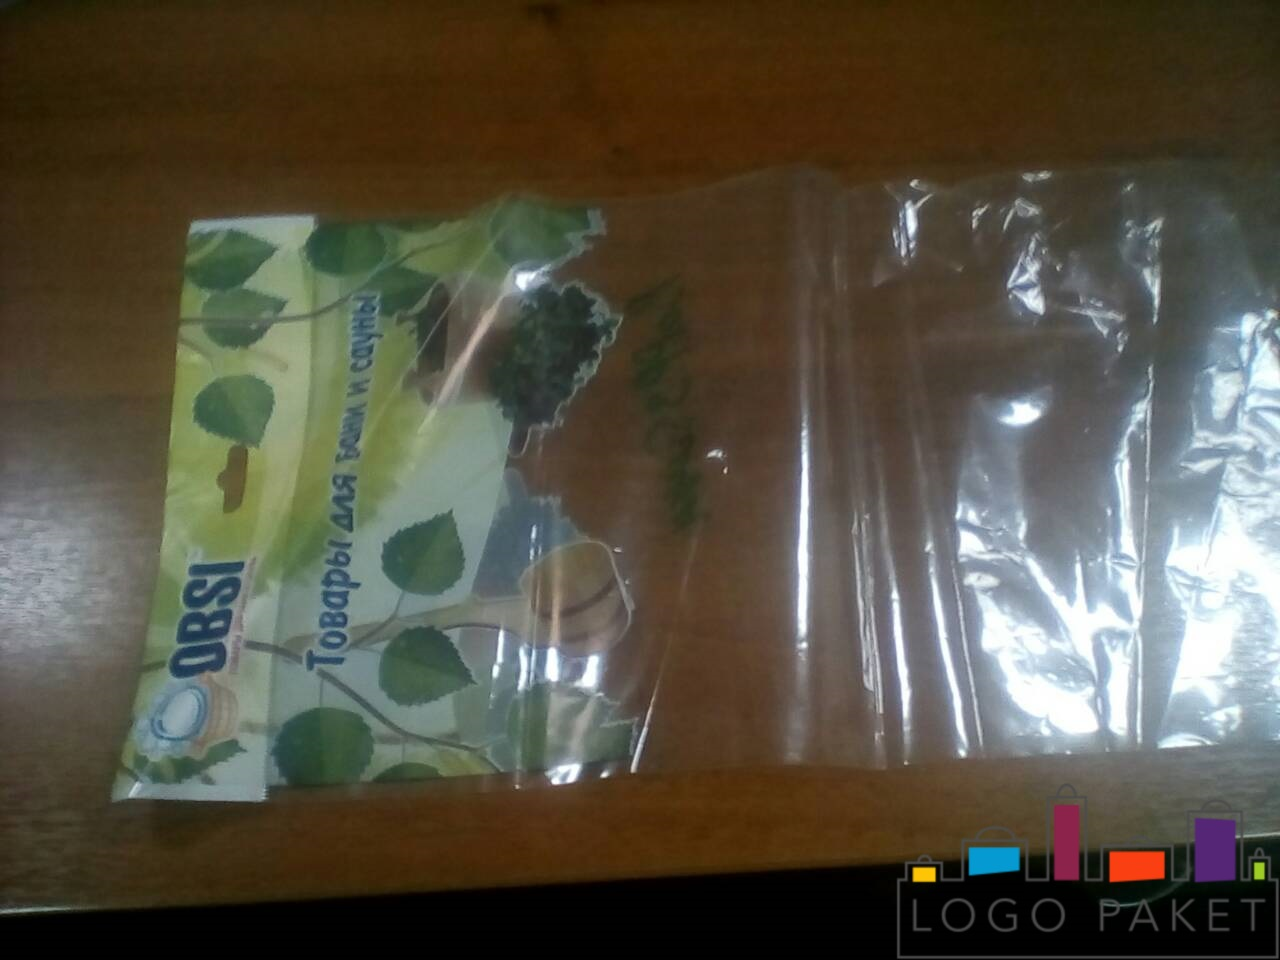 пример печати на пп пакете с еврослотом